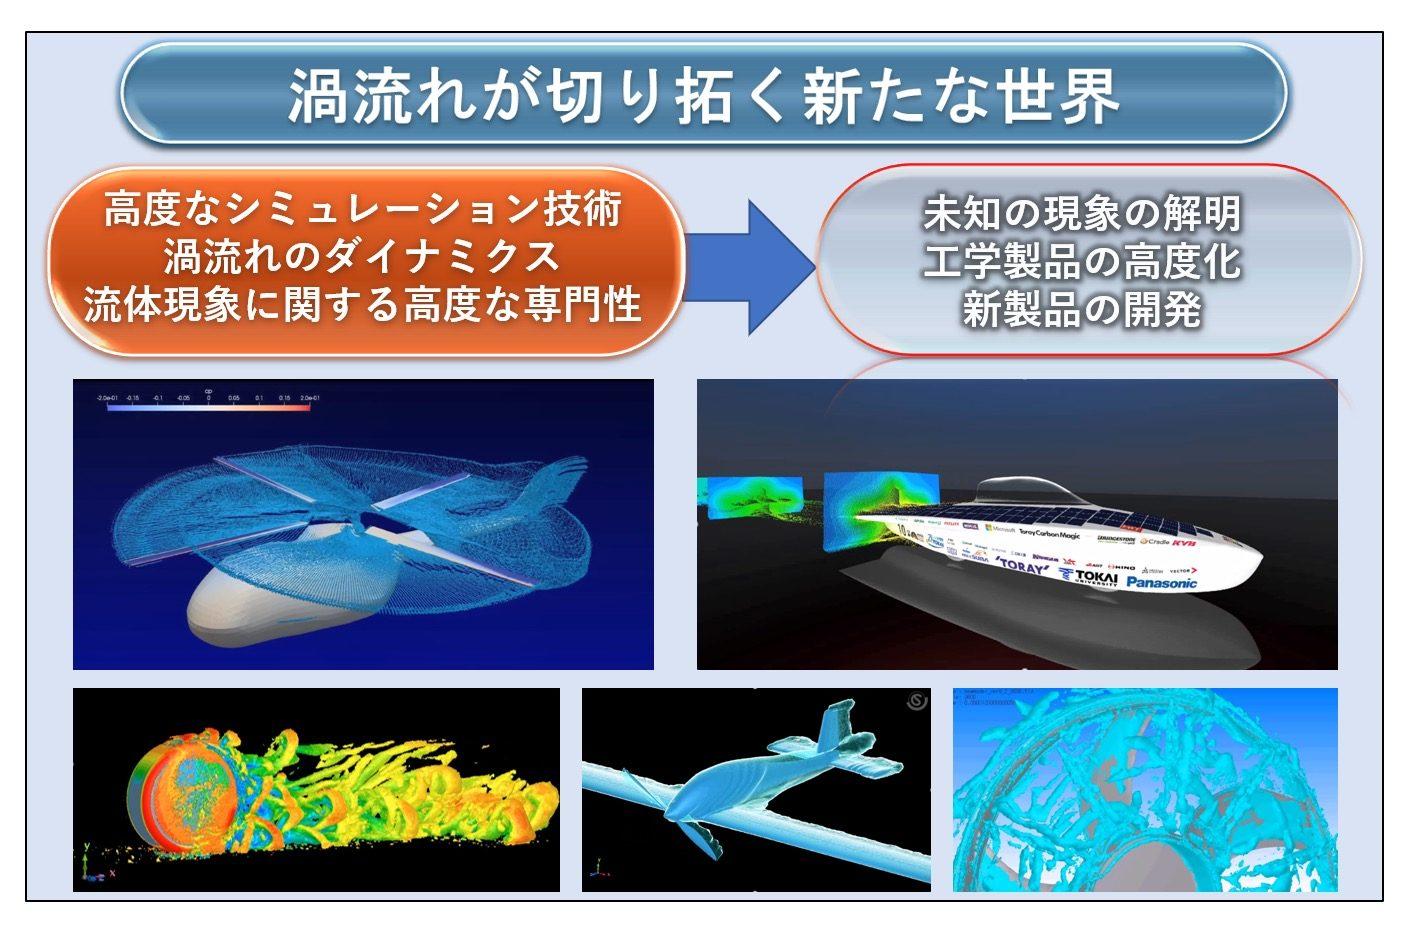 流体シミュレーションによる非定常流れ現象の解明と工学的応用